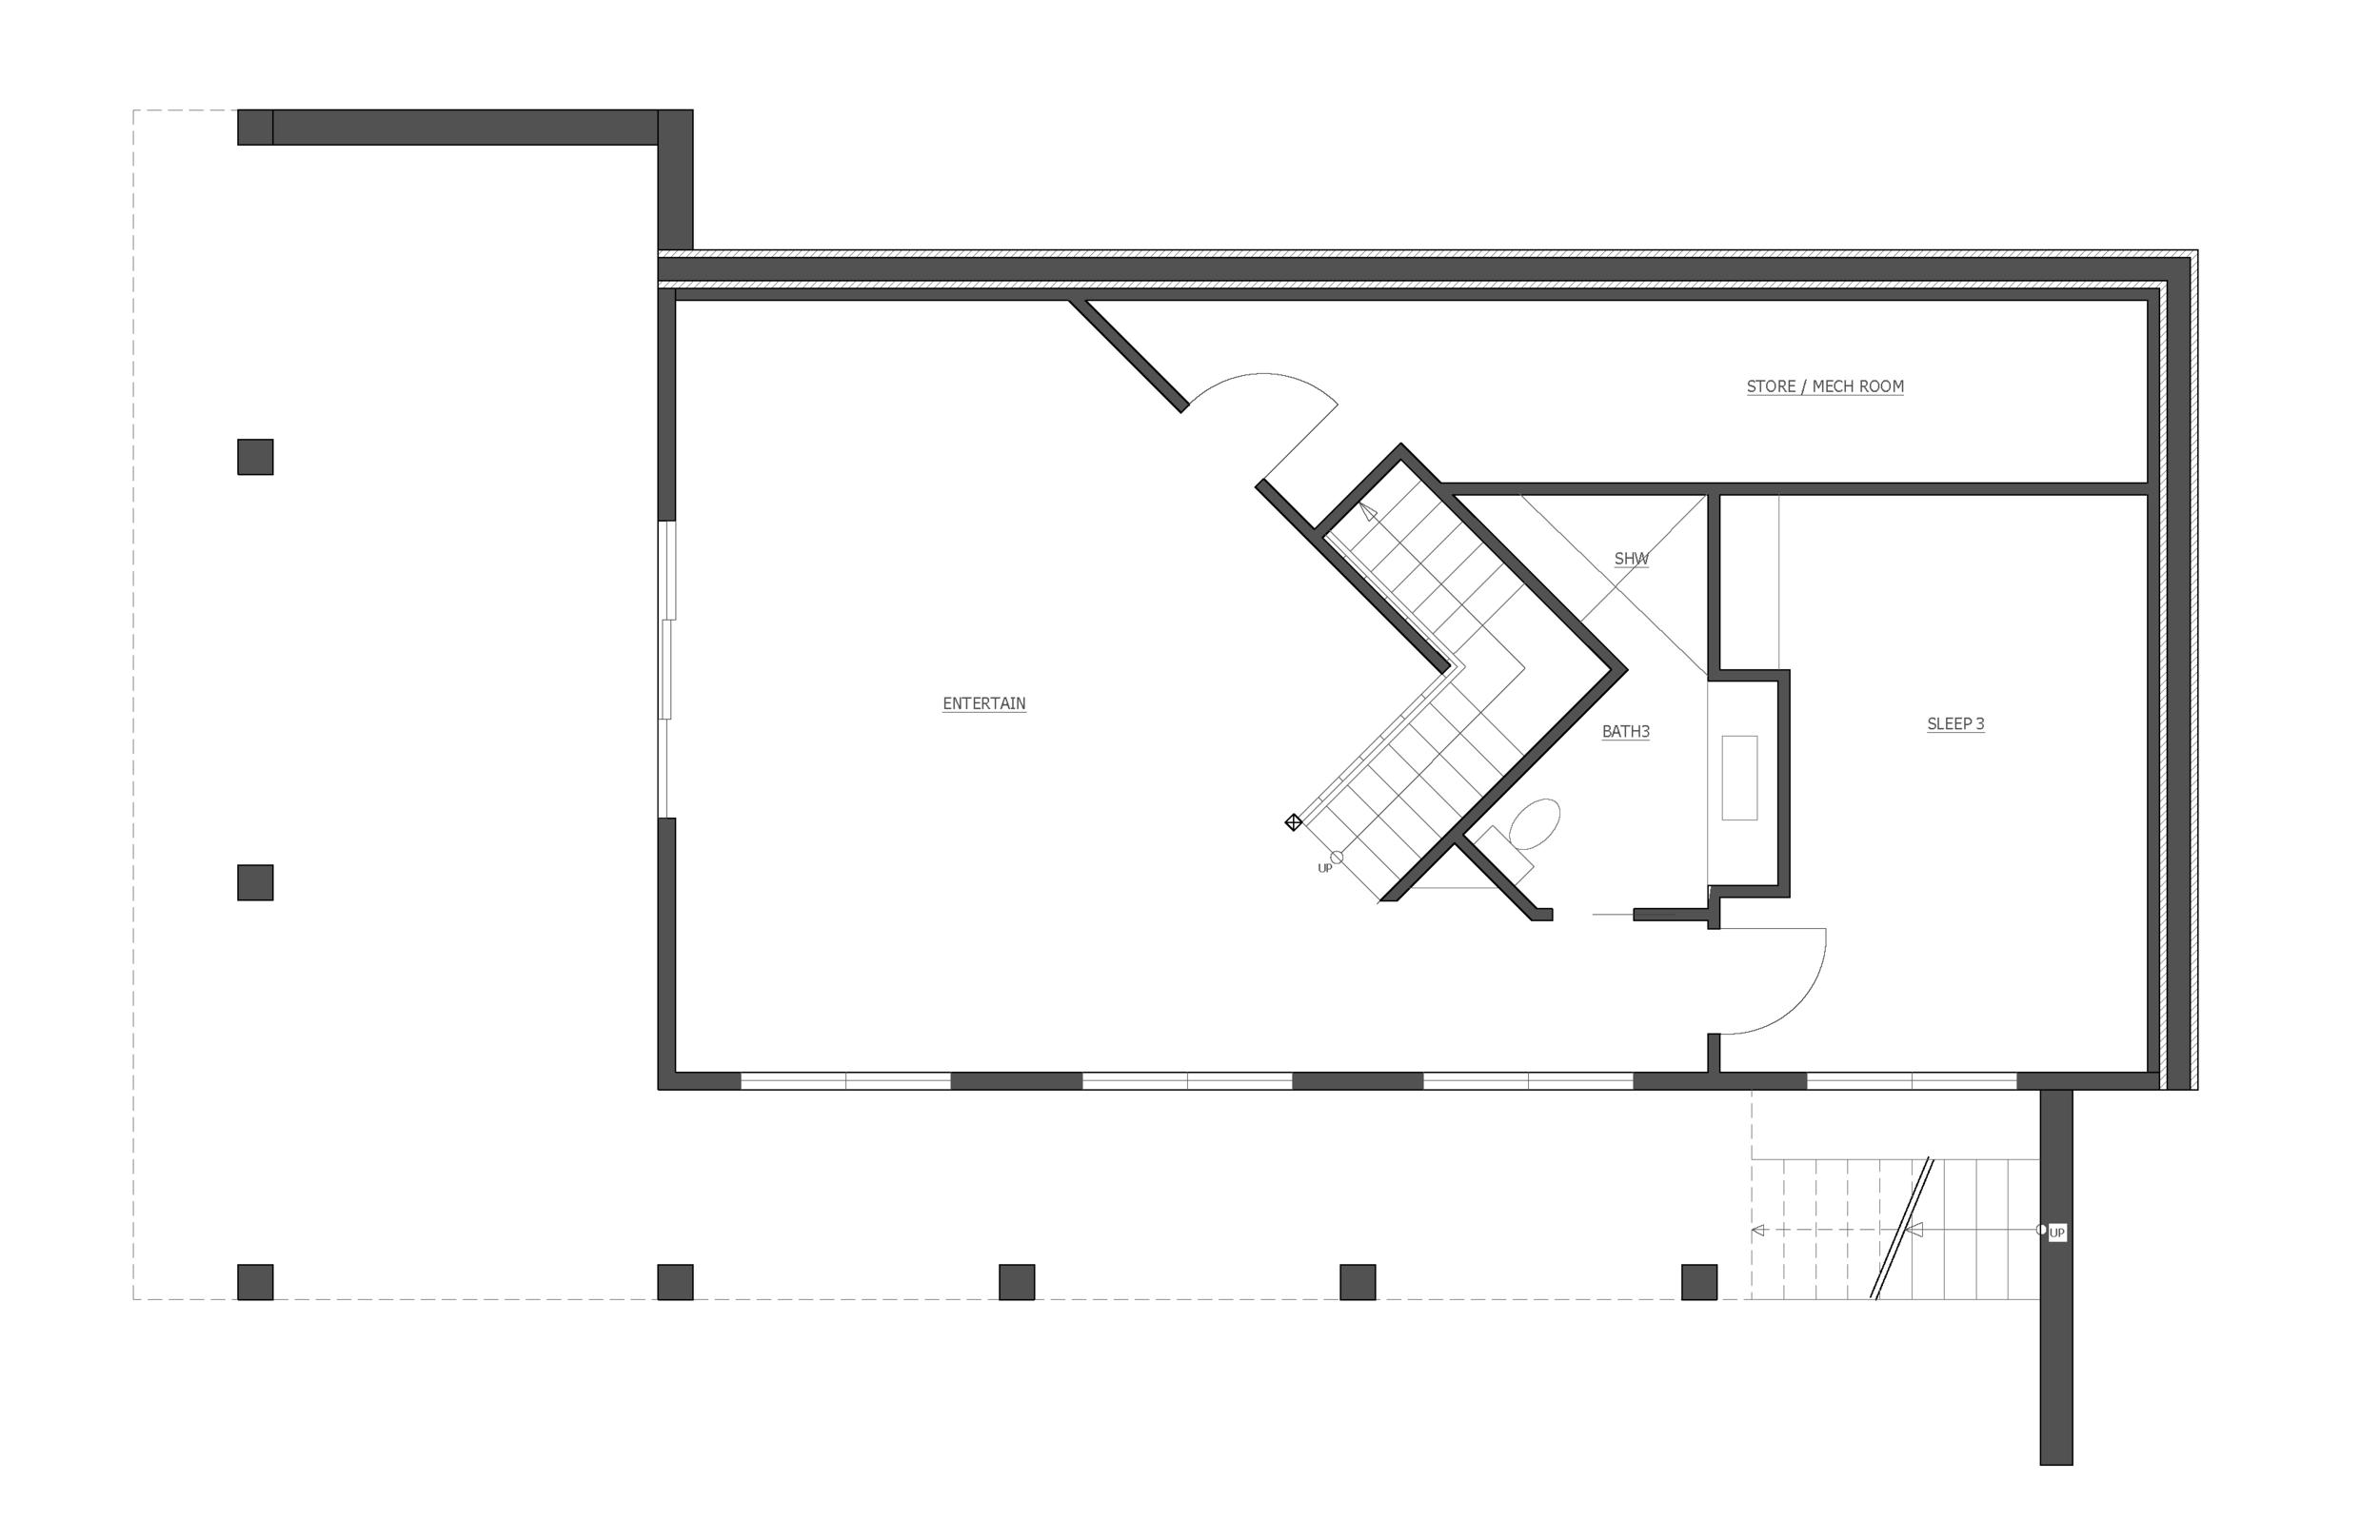 the basement level